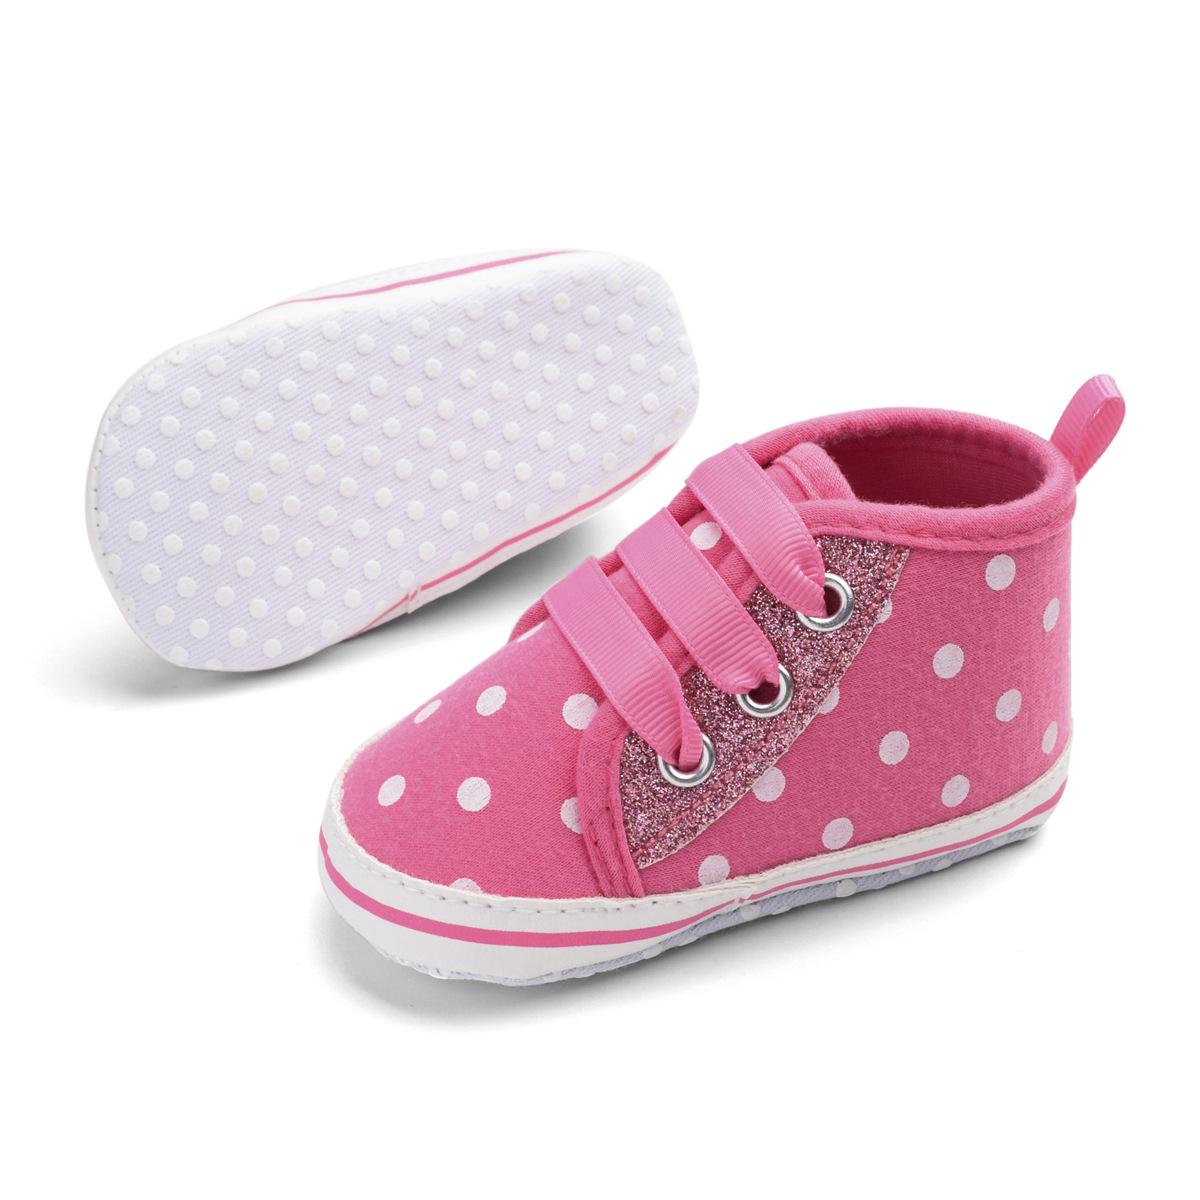 От 0 до 1 года новая Демисезонная обувь с блестками для маленьких девочек undefined